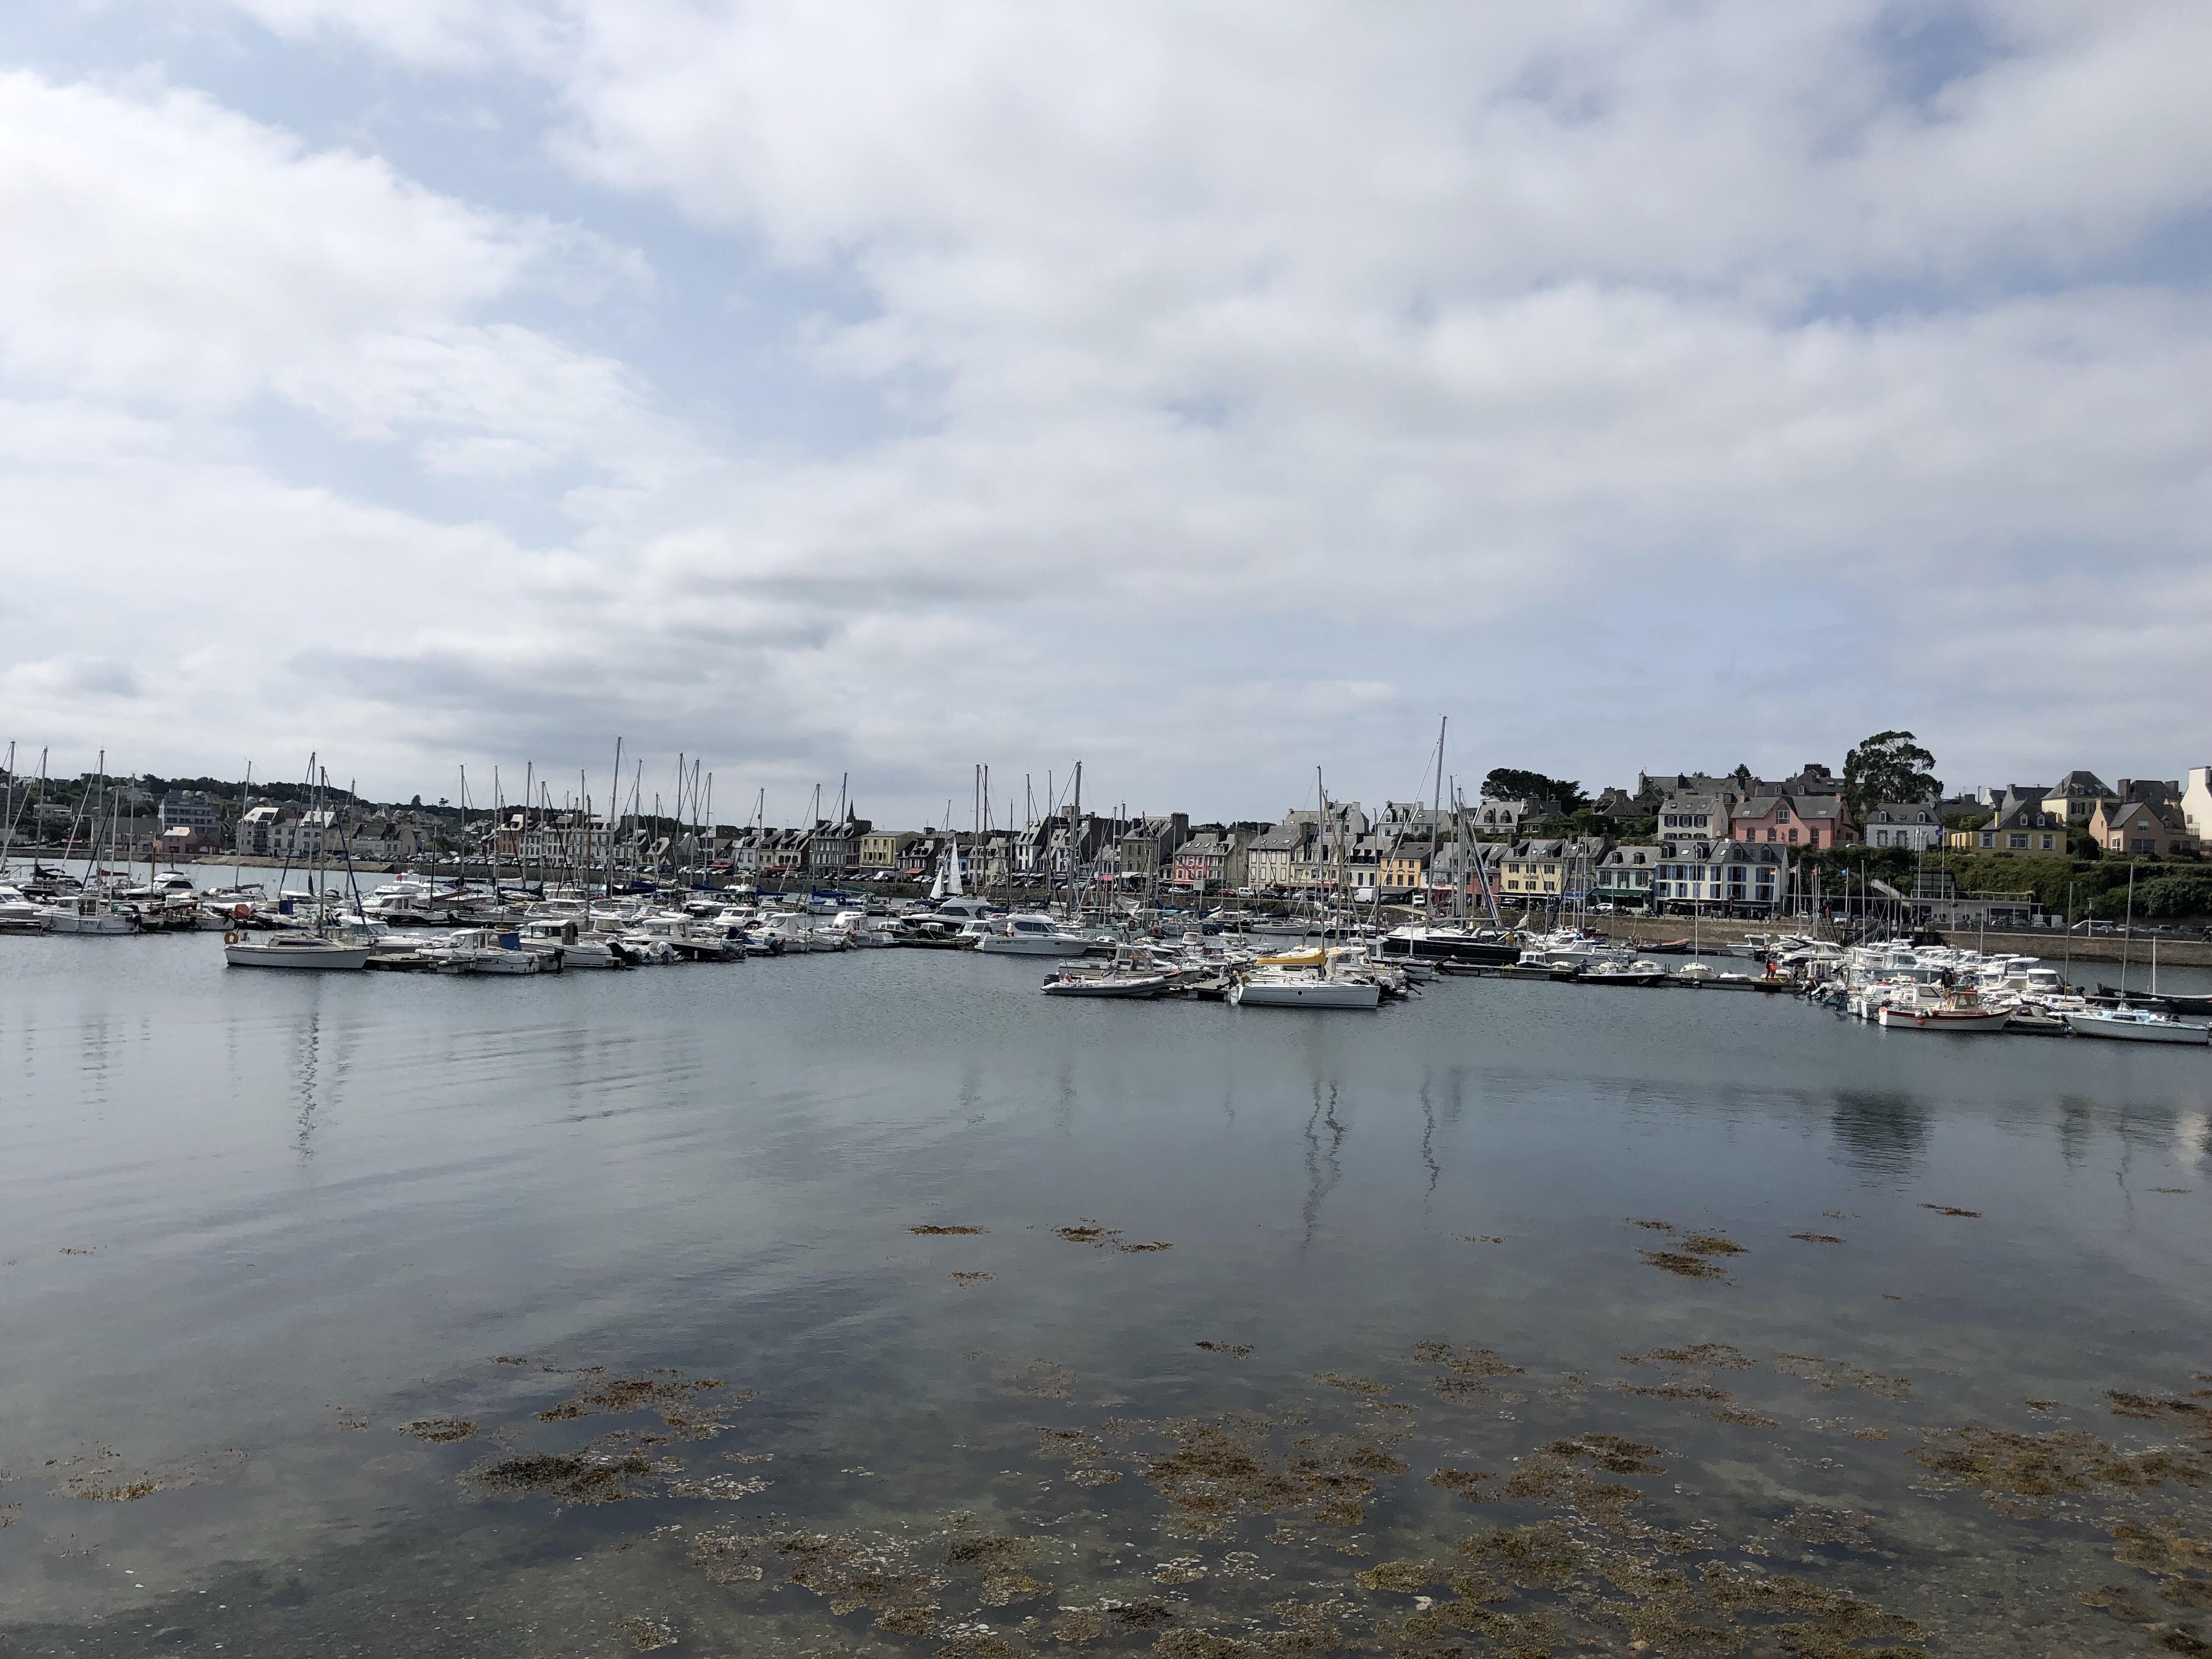 De baai van Camaret-sur-Mer